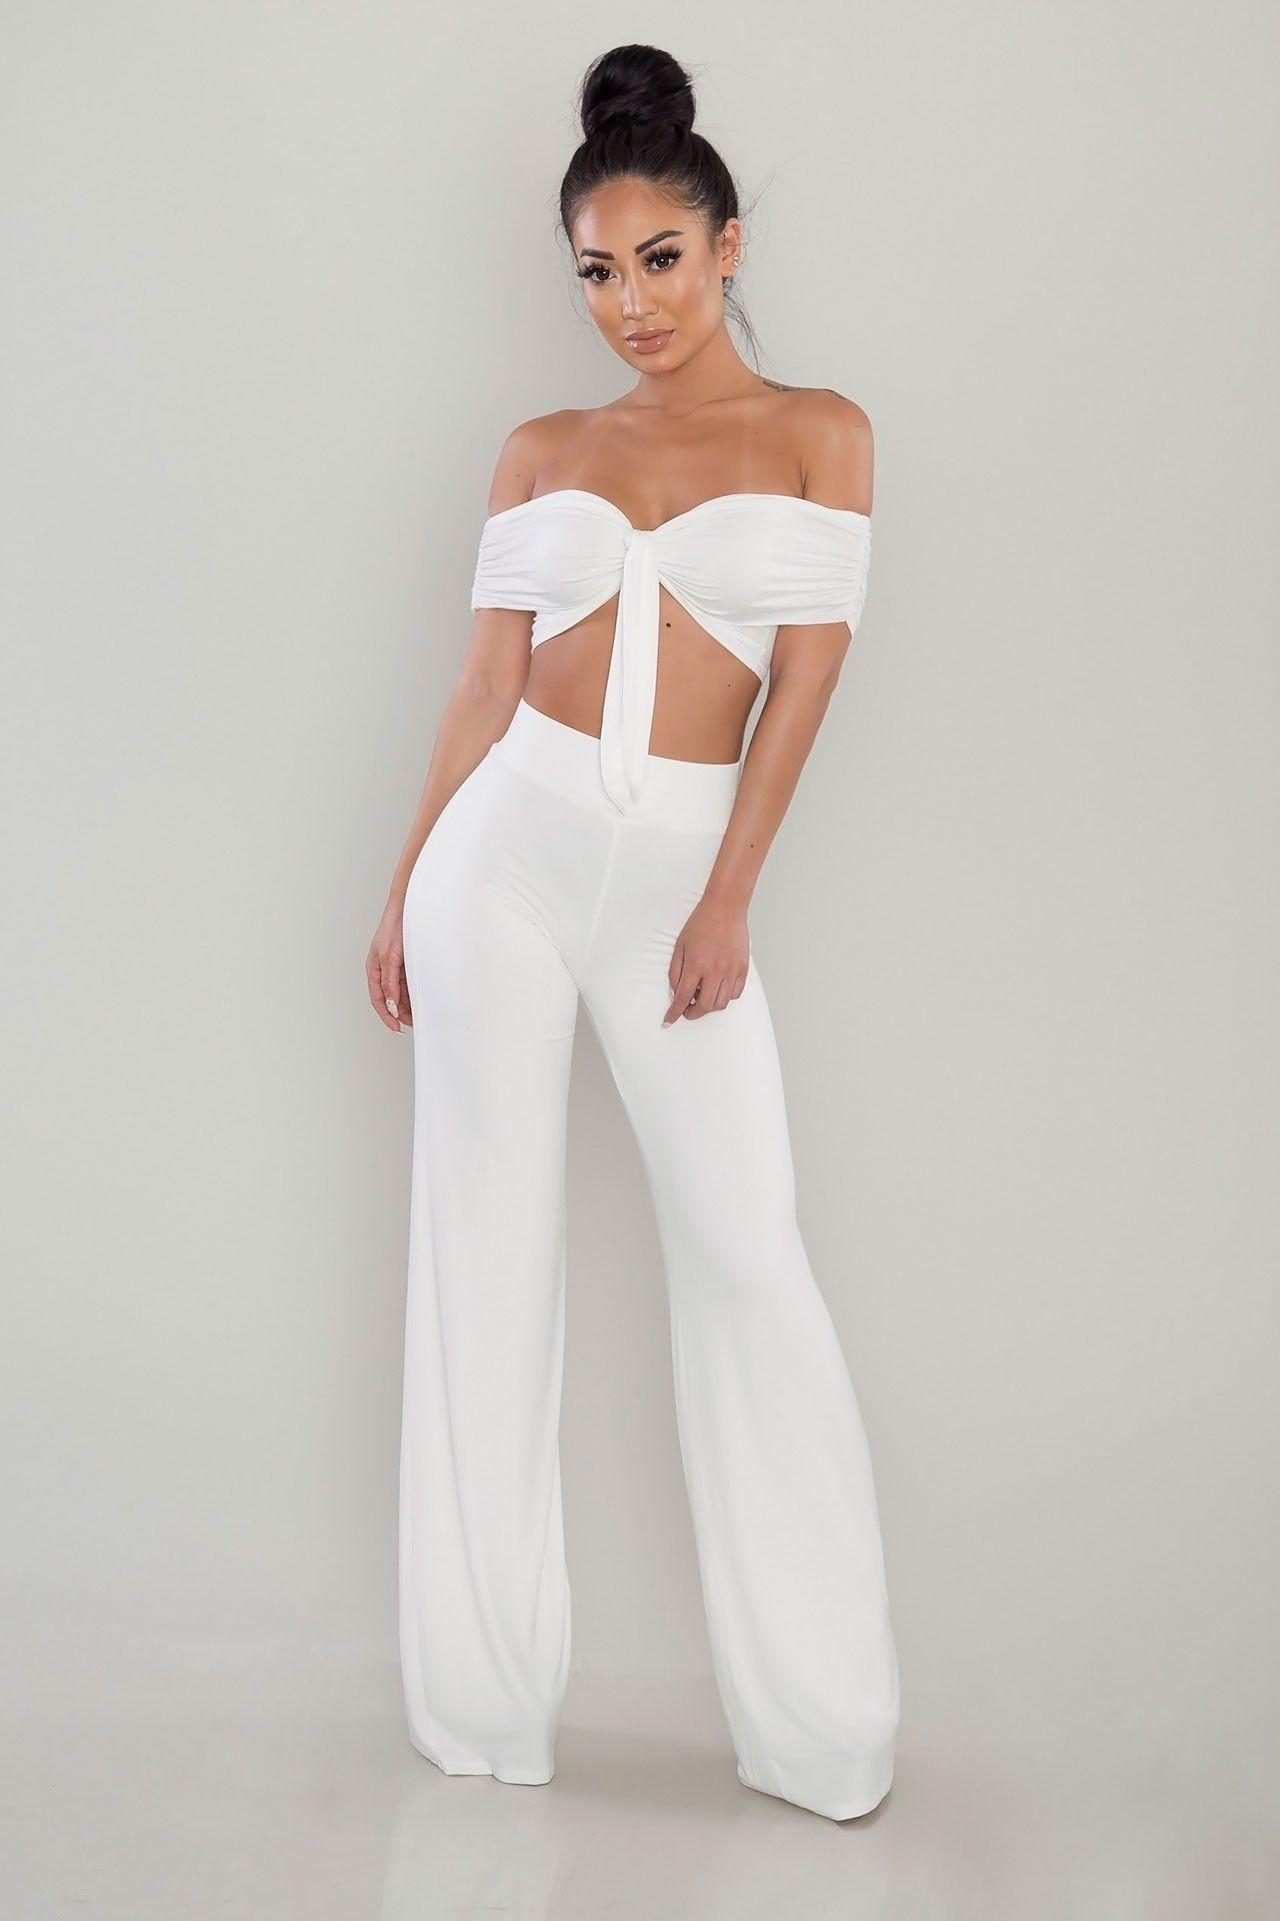 Pin By Wigdis Karoliussen On Clothes Two Piece Outfit White Two Piece Outfit Outfits [ 1921 x 1280 Pixel ]